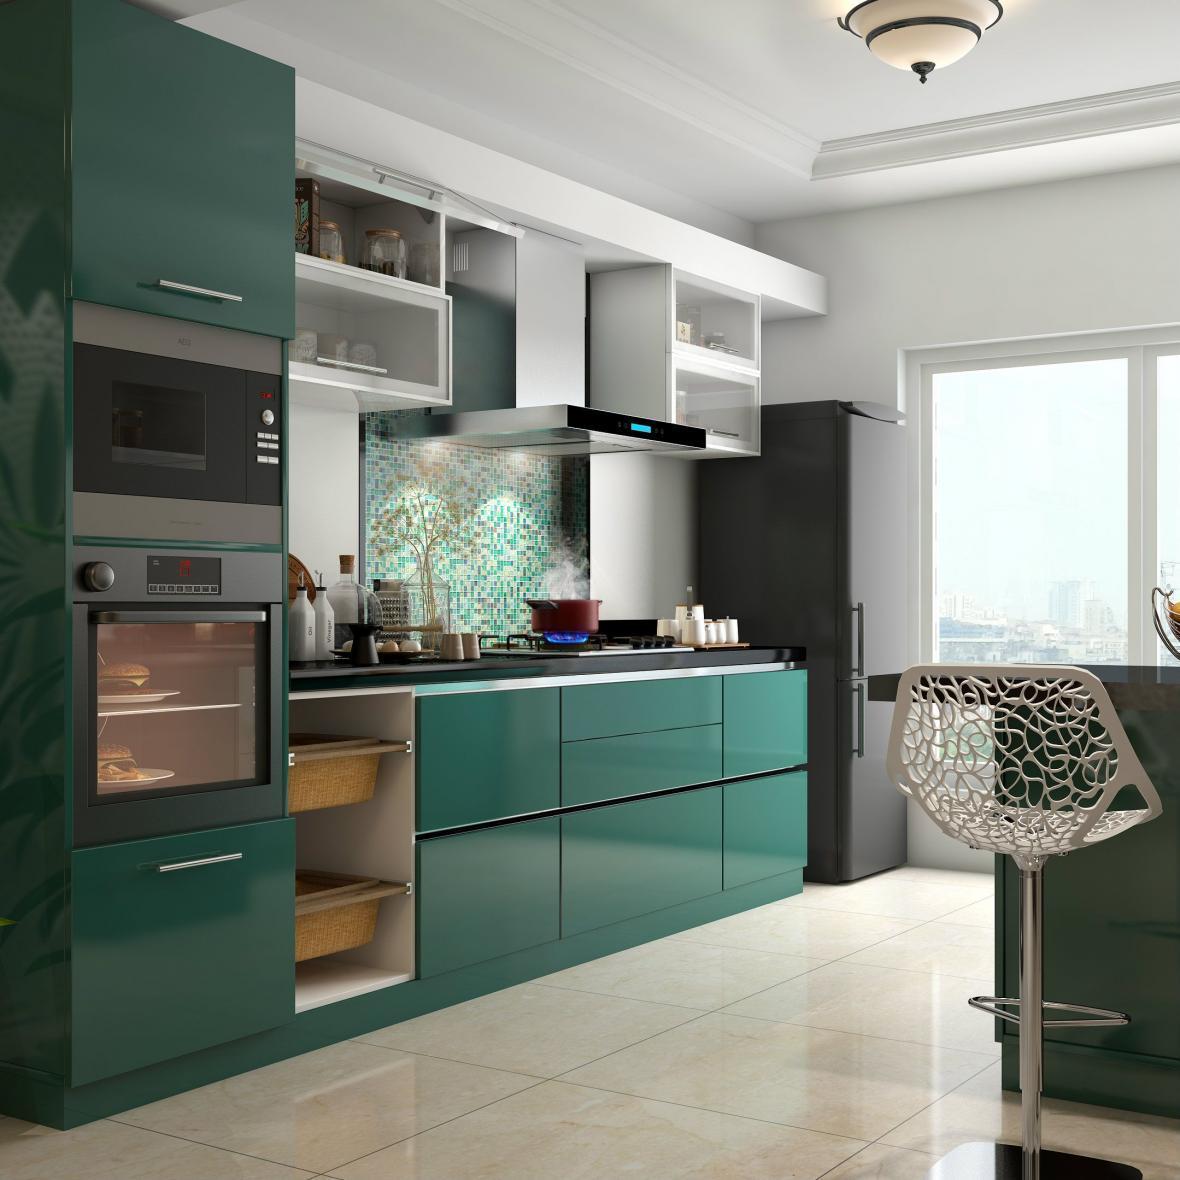 مقاله: بازسازی آشپزخانه به بهترین شکل